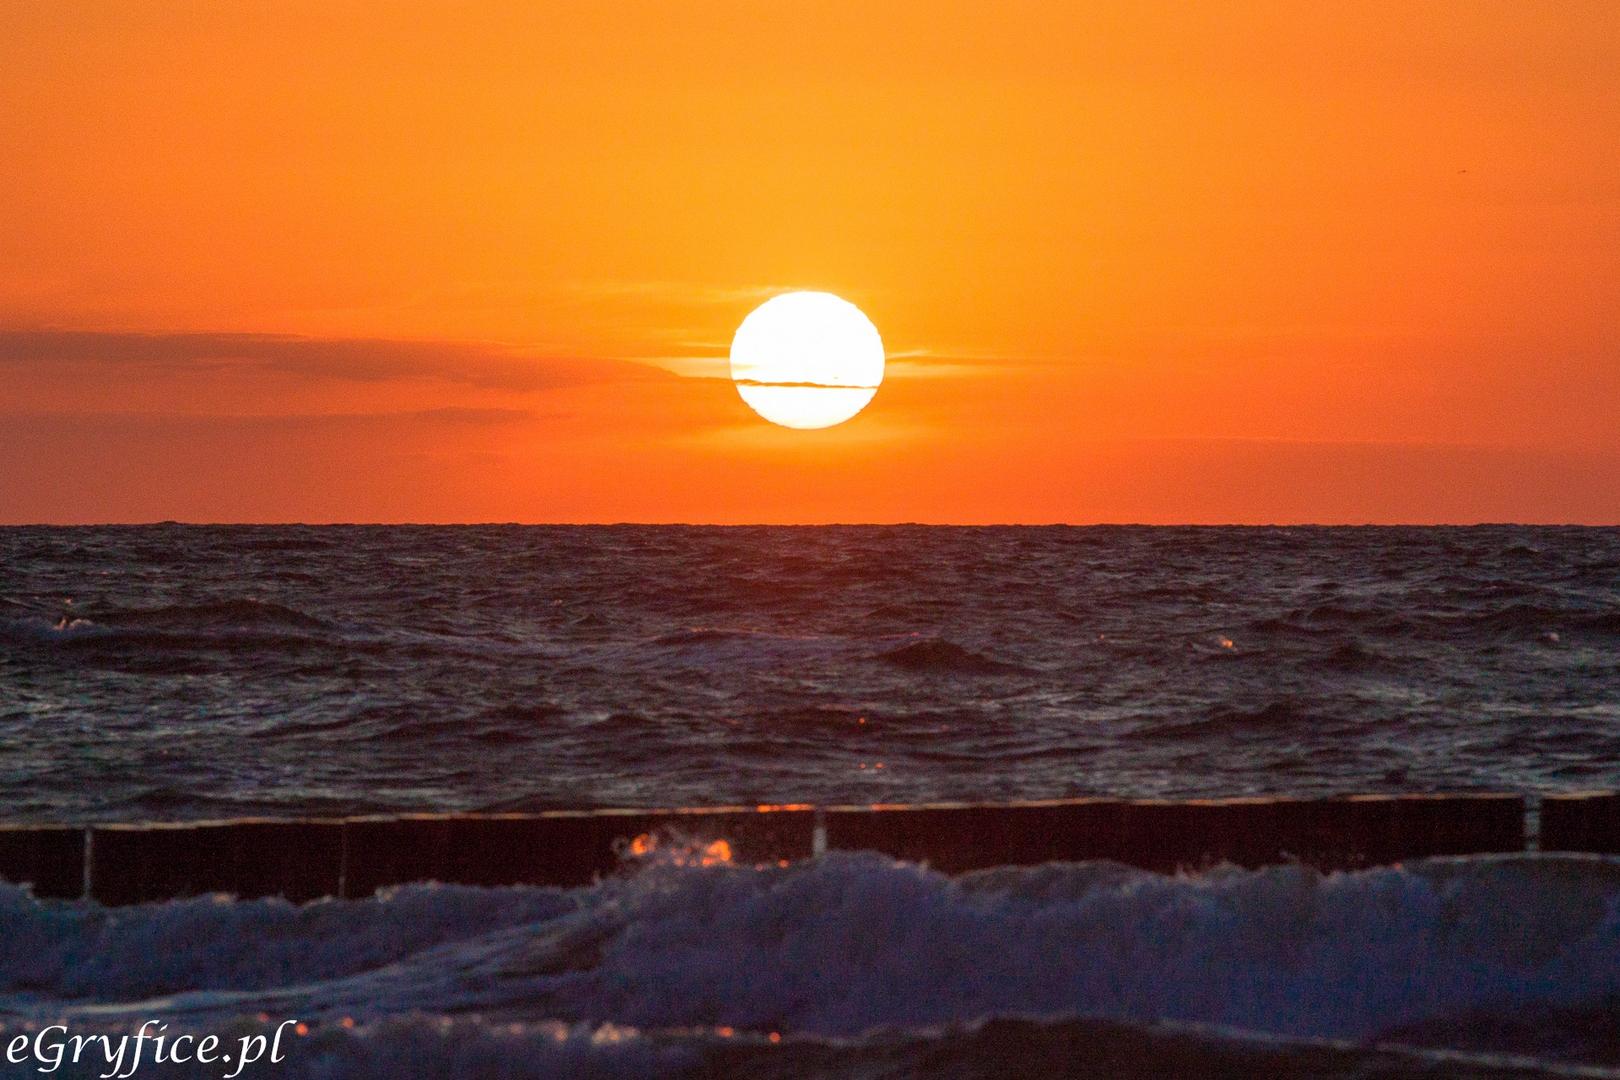 zachód słońca nad morzem w pustkowie, piękne kolory i niemal bezchmurne niebo